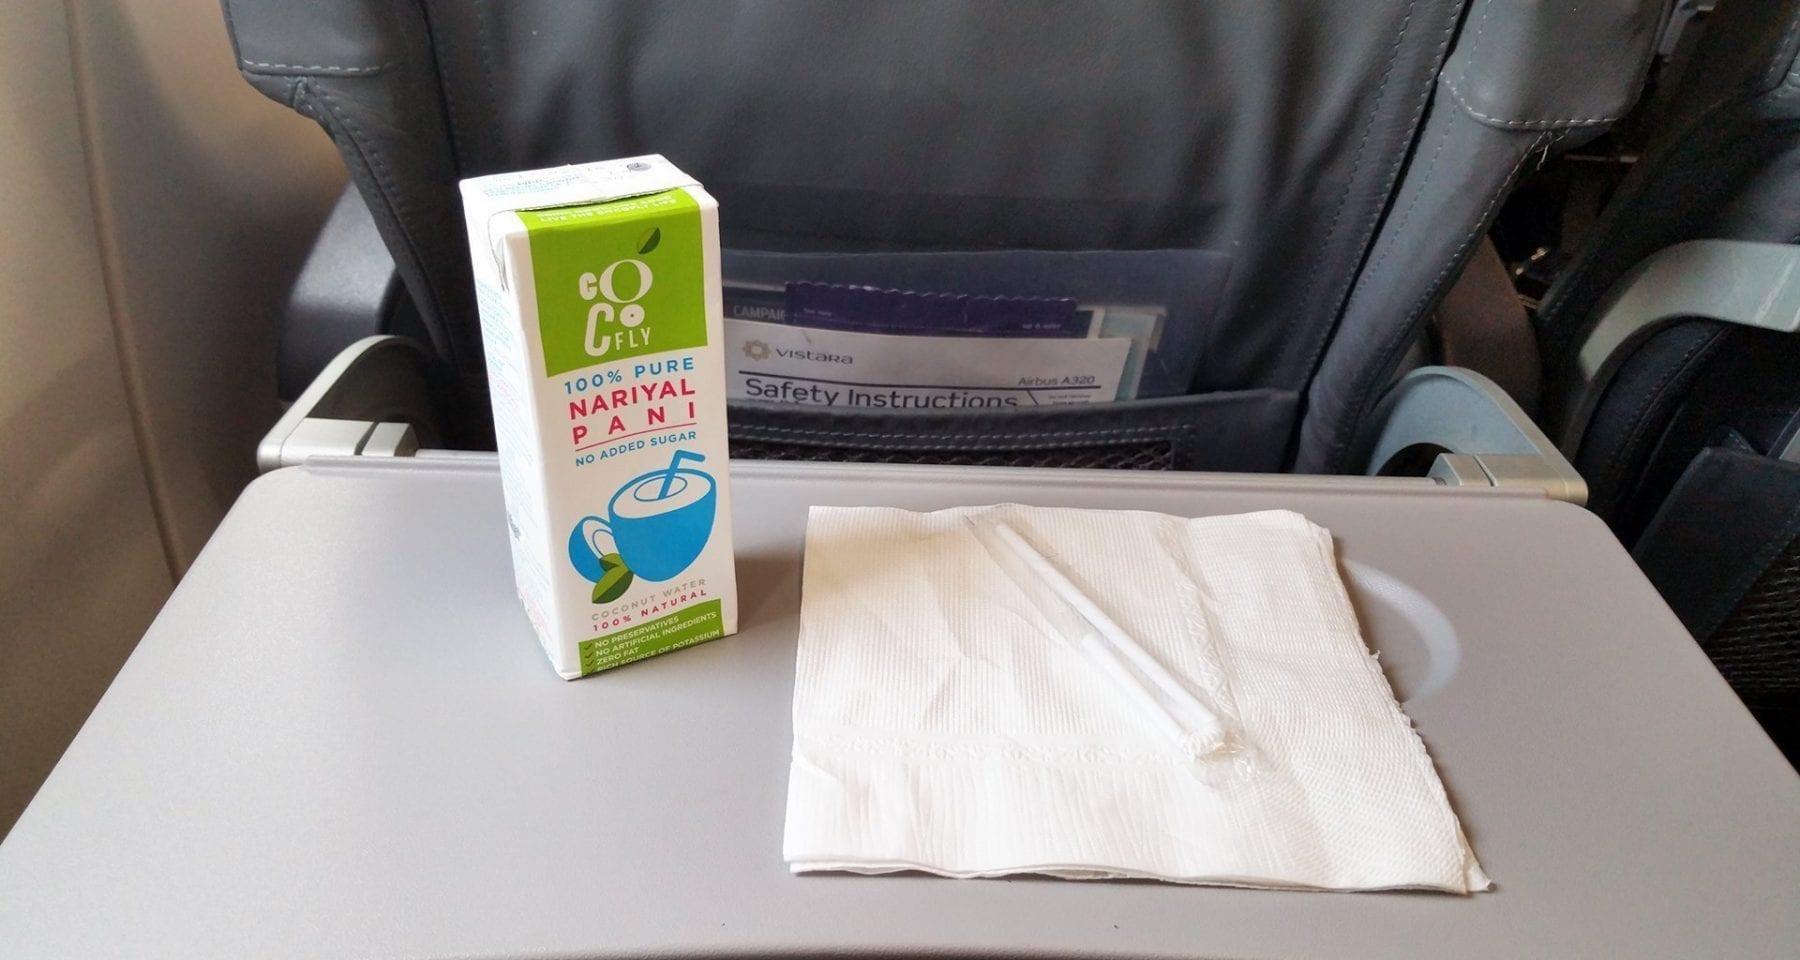 Vistara Airlines premium economy class coconut water